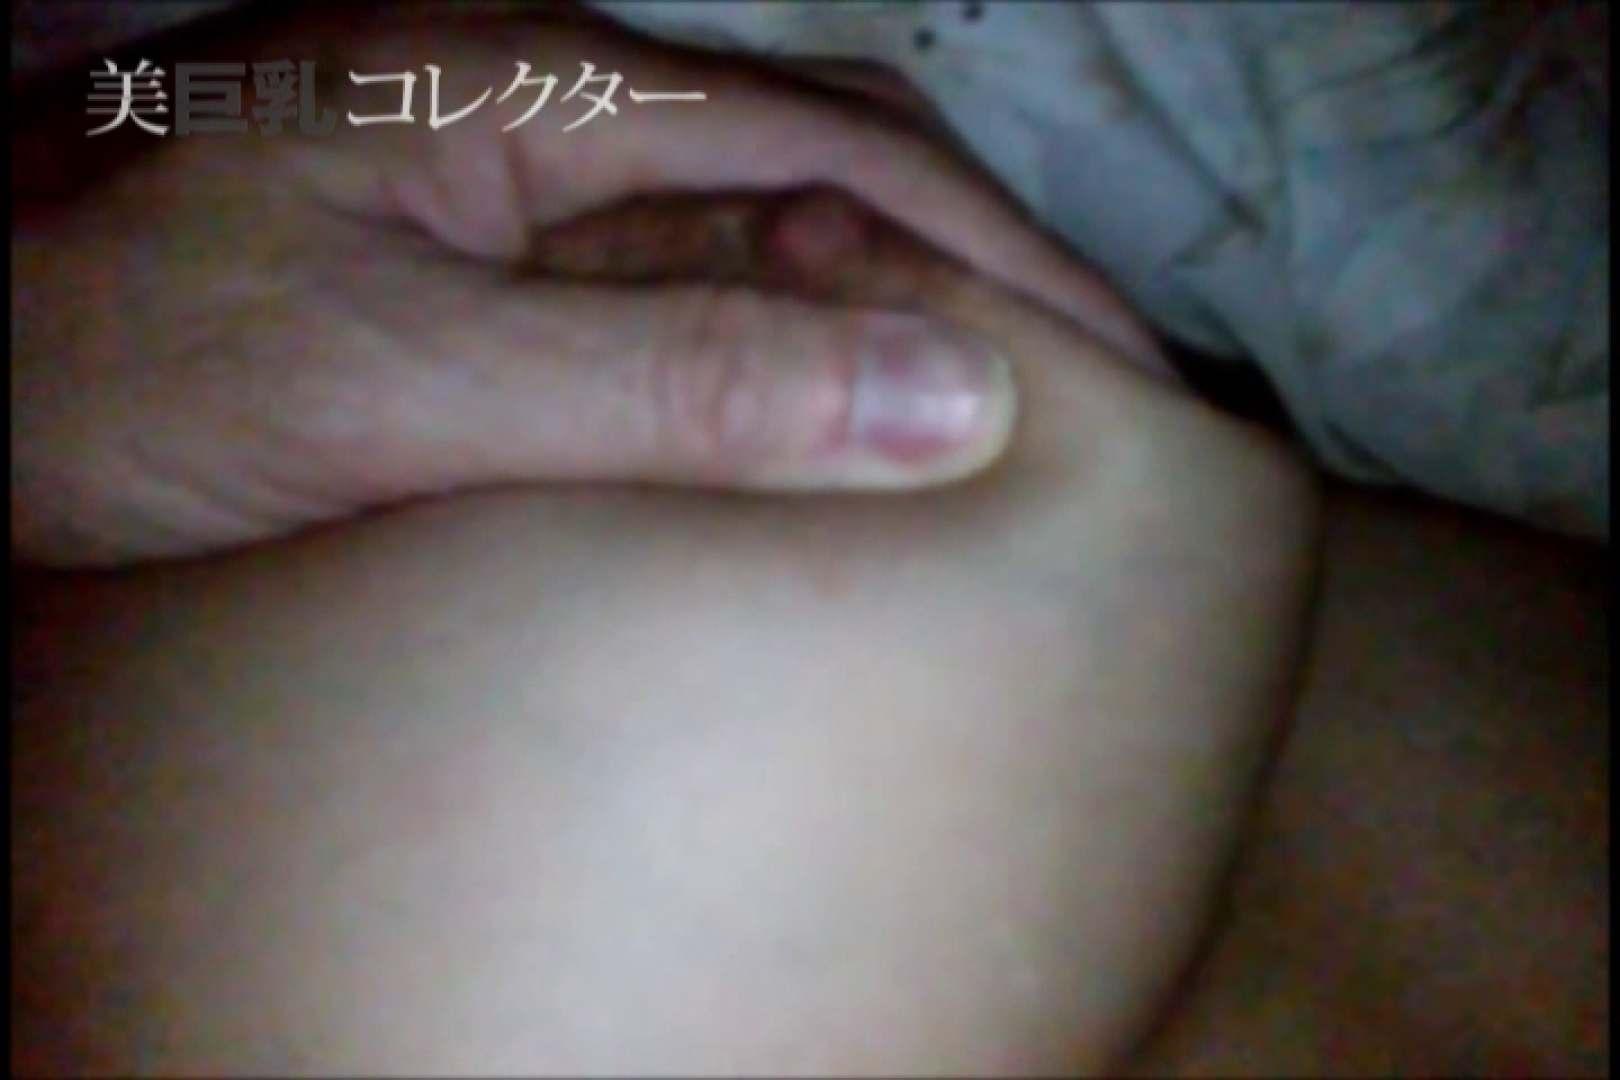 泥酔Hカップ爆乳ギャル2 悪戯  110pic 56